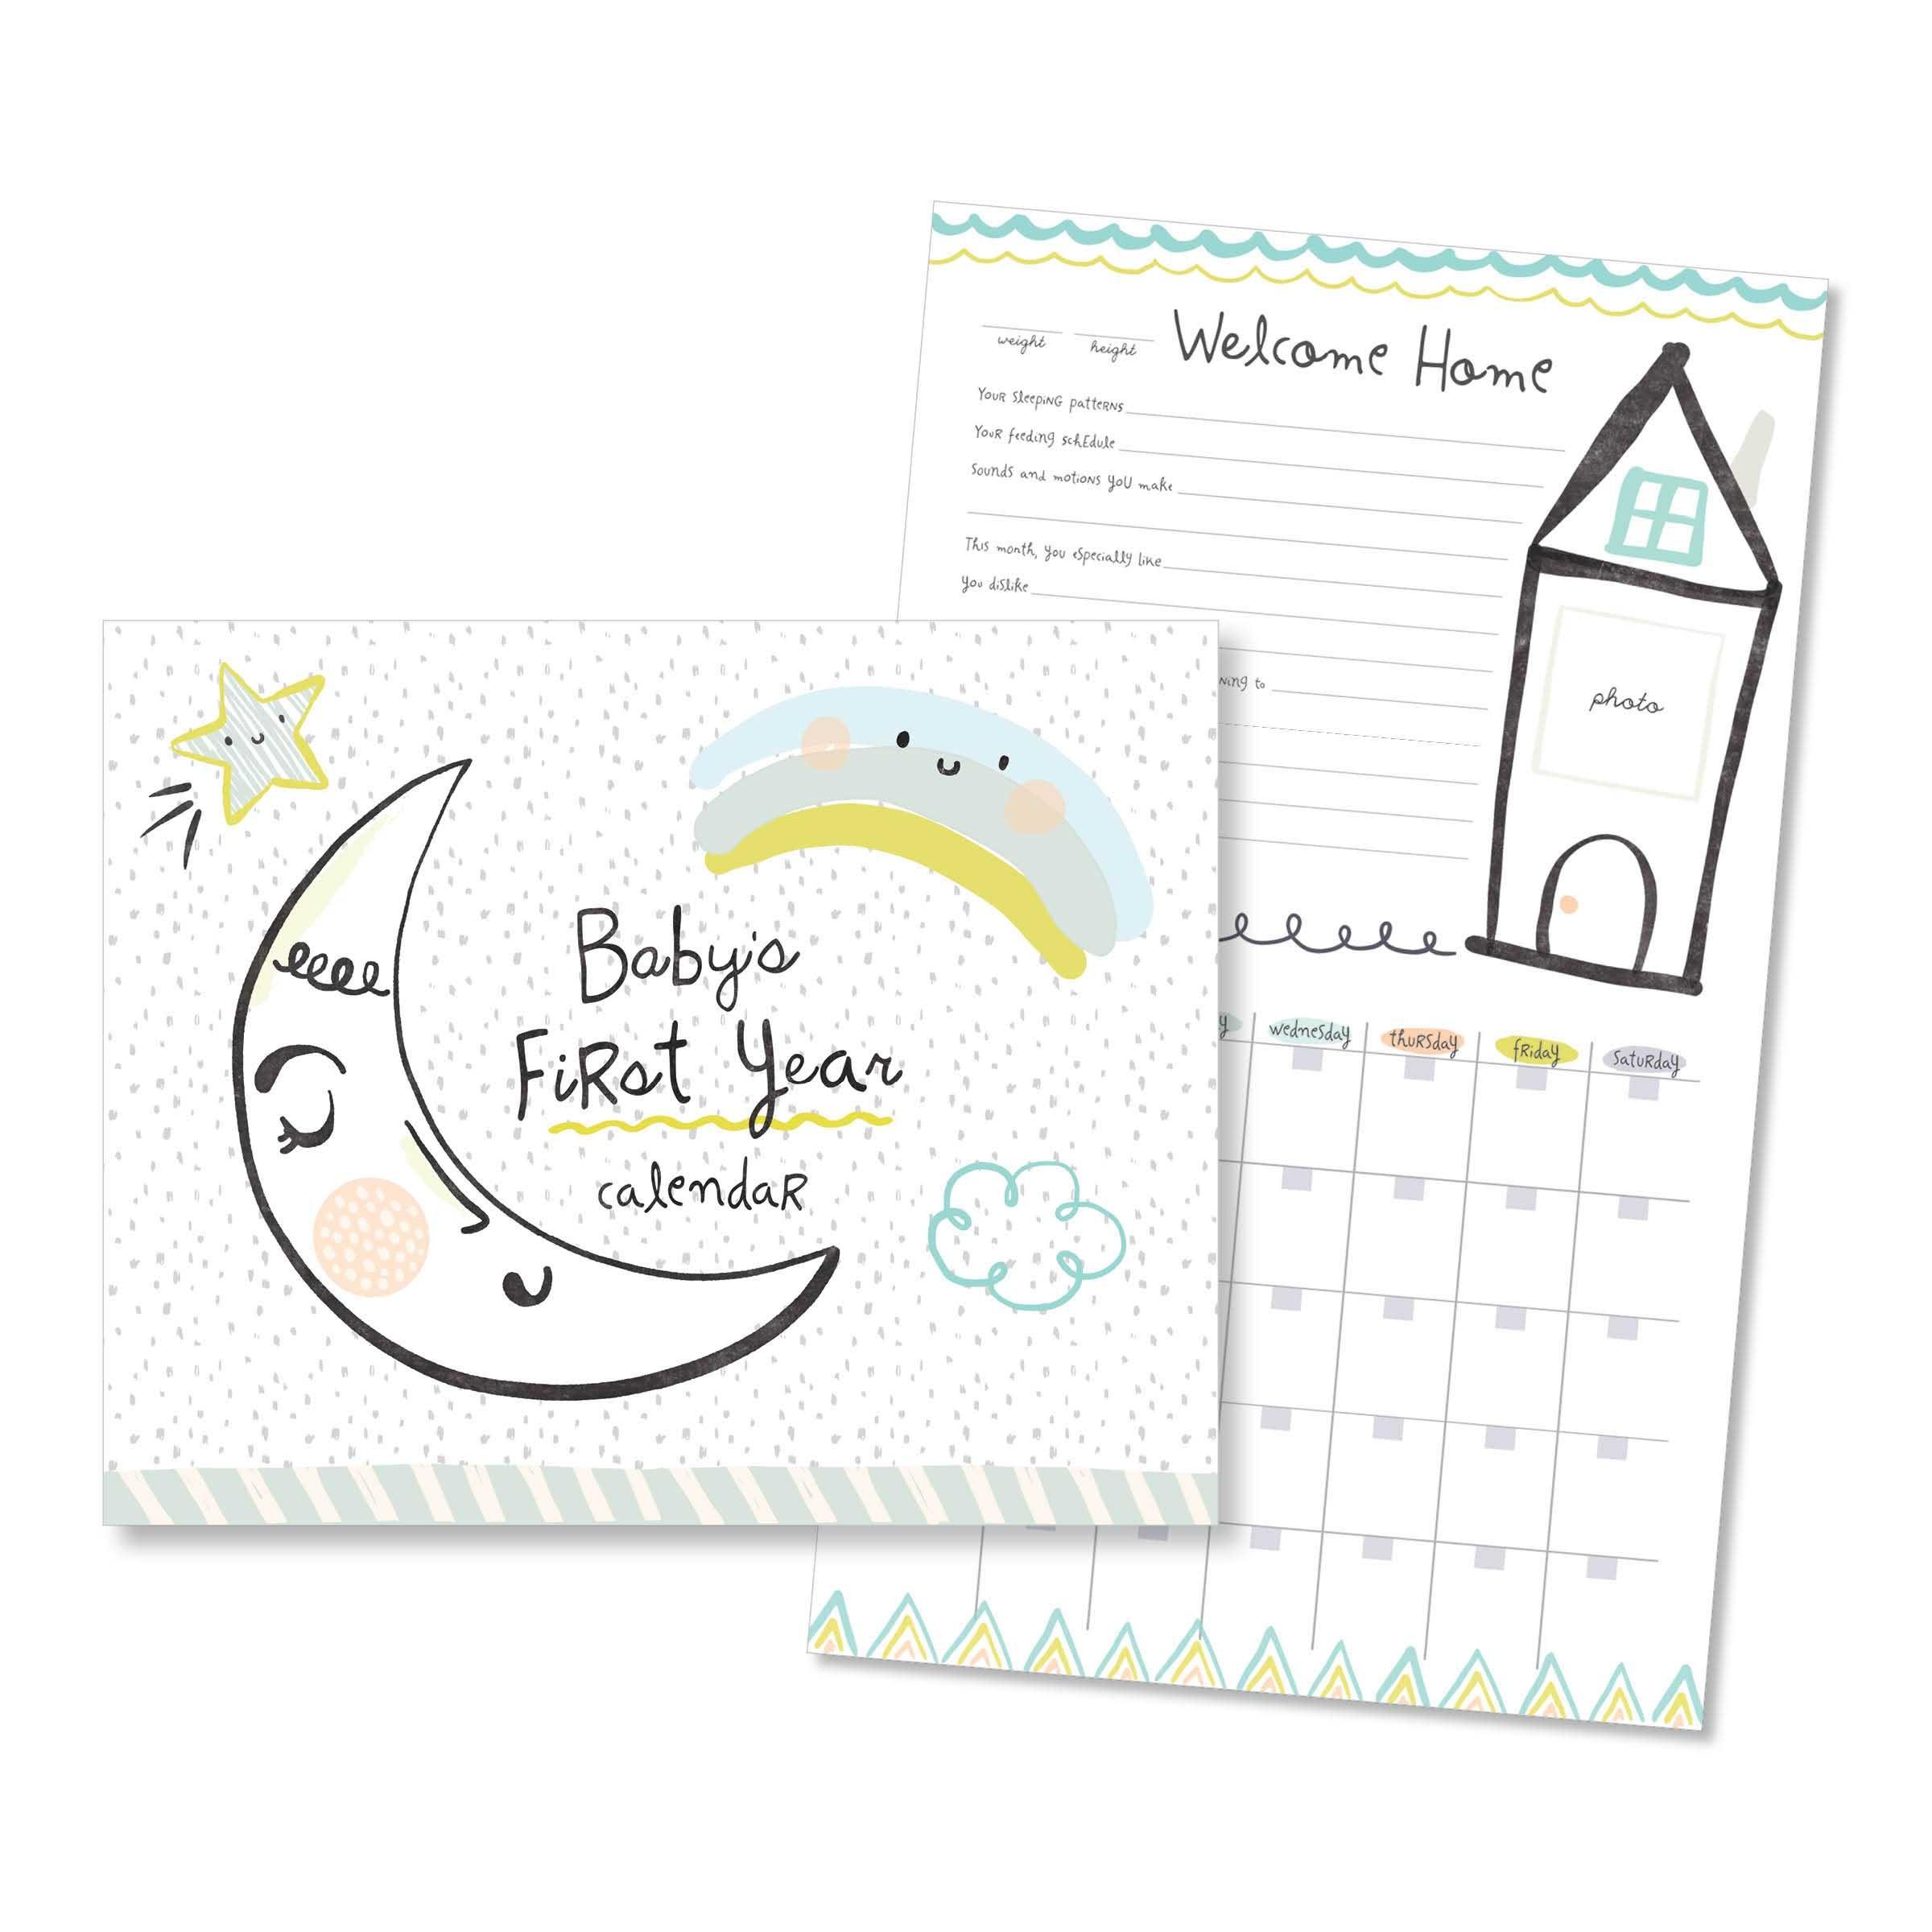 Baby's First Year Calendar - Little Dreamerc.r. Gibson